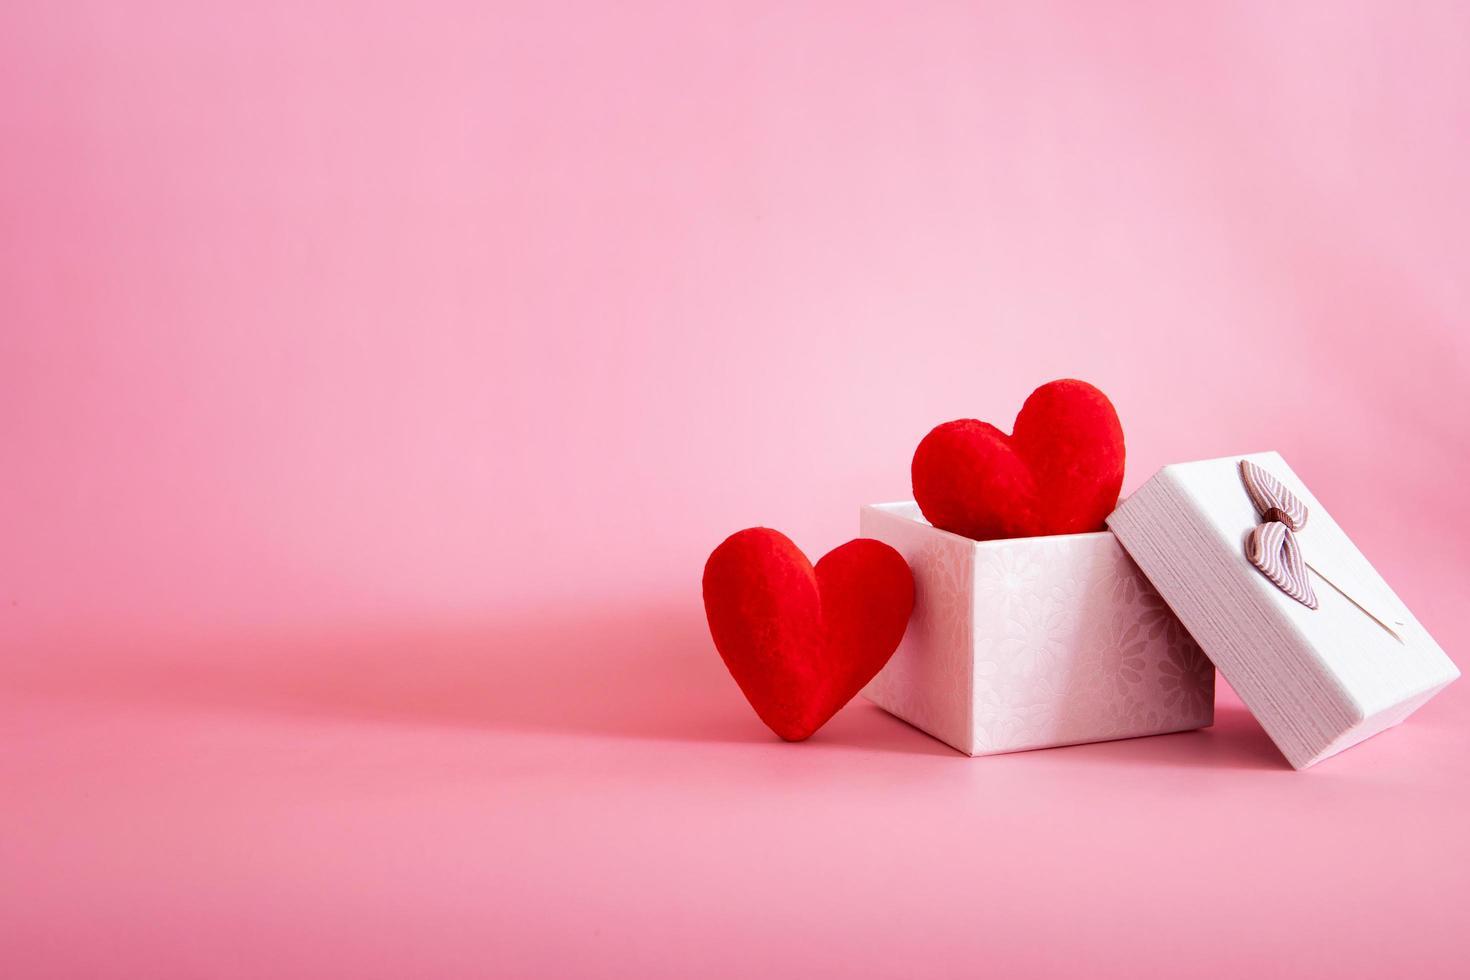 deux coeurs rouges dans une boîte cadeau sur fond rose photo